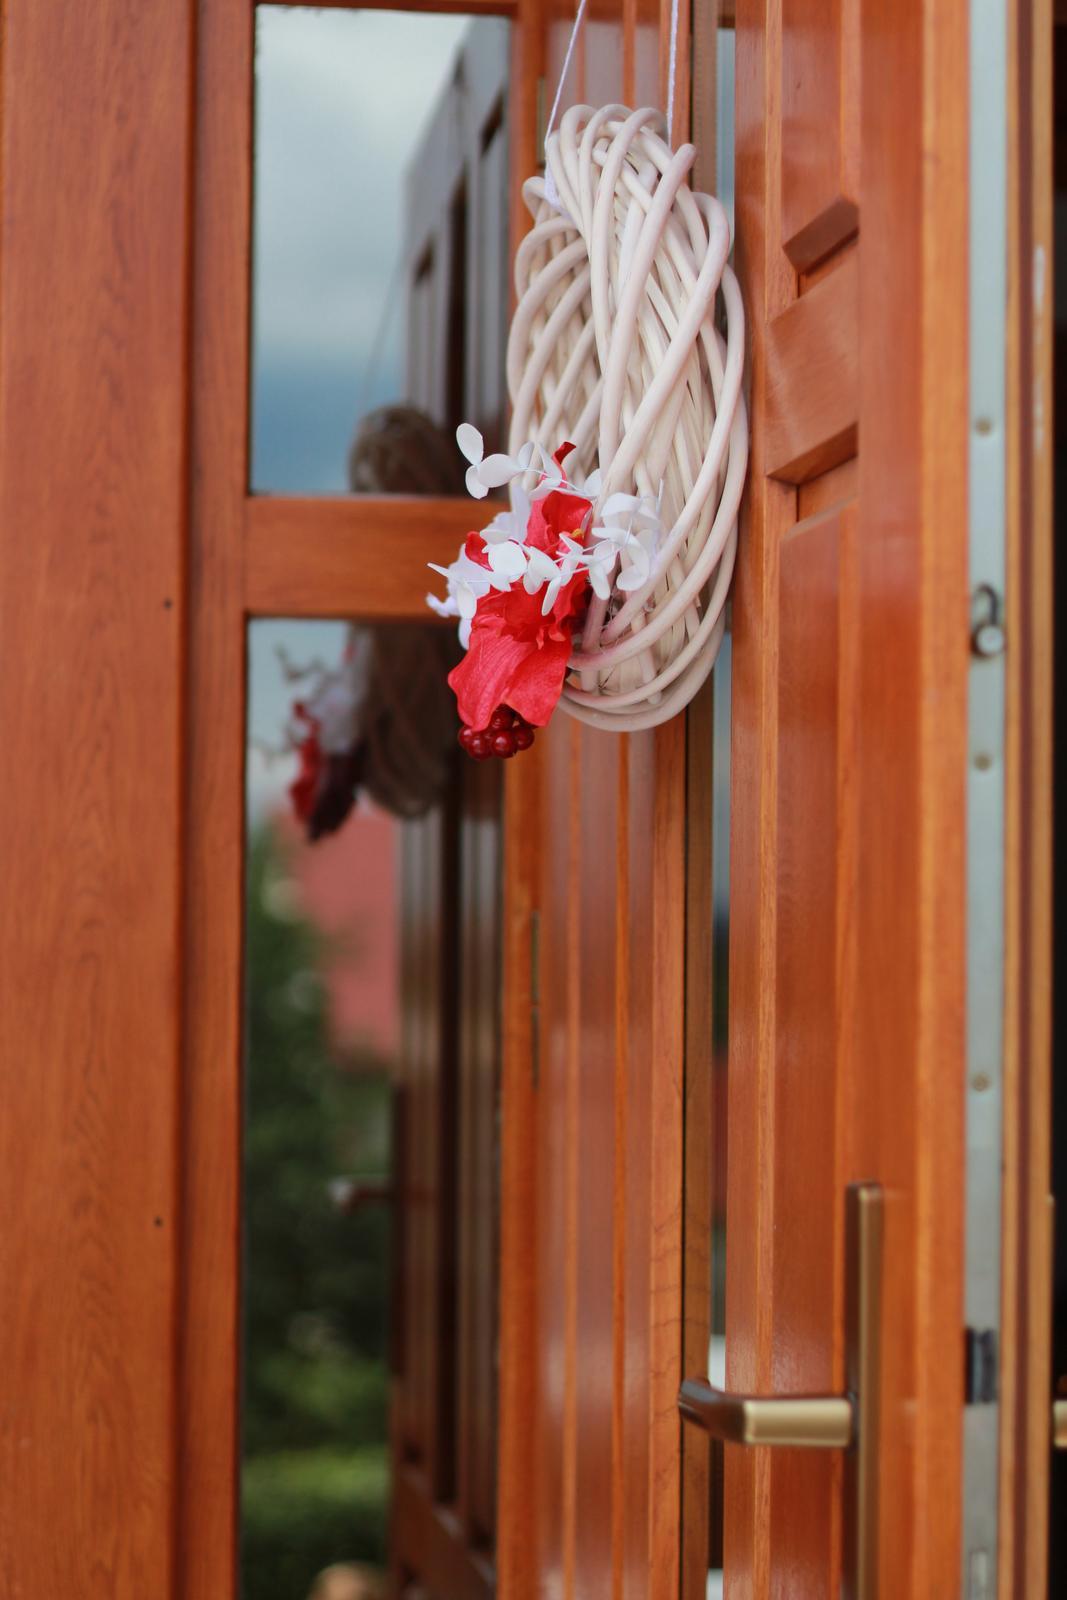 Venček na dvere  - Obrázok č. 2